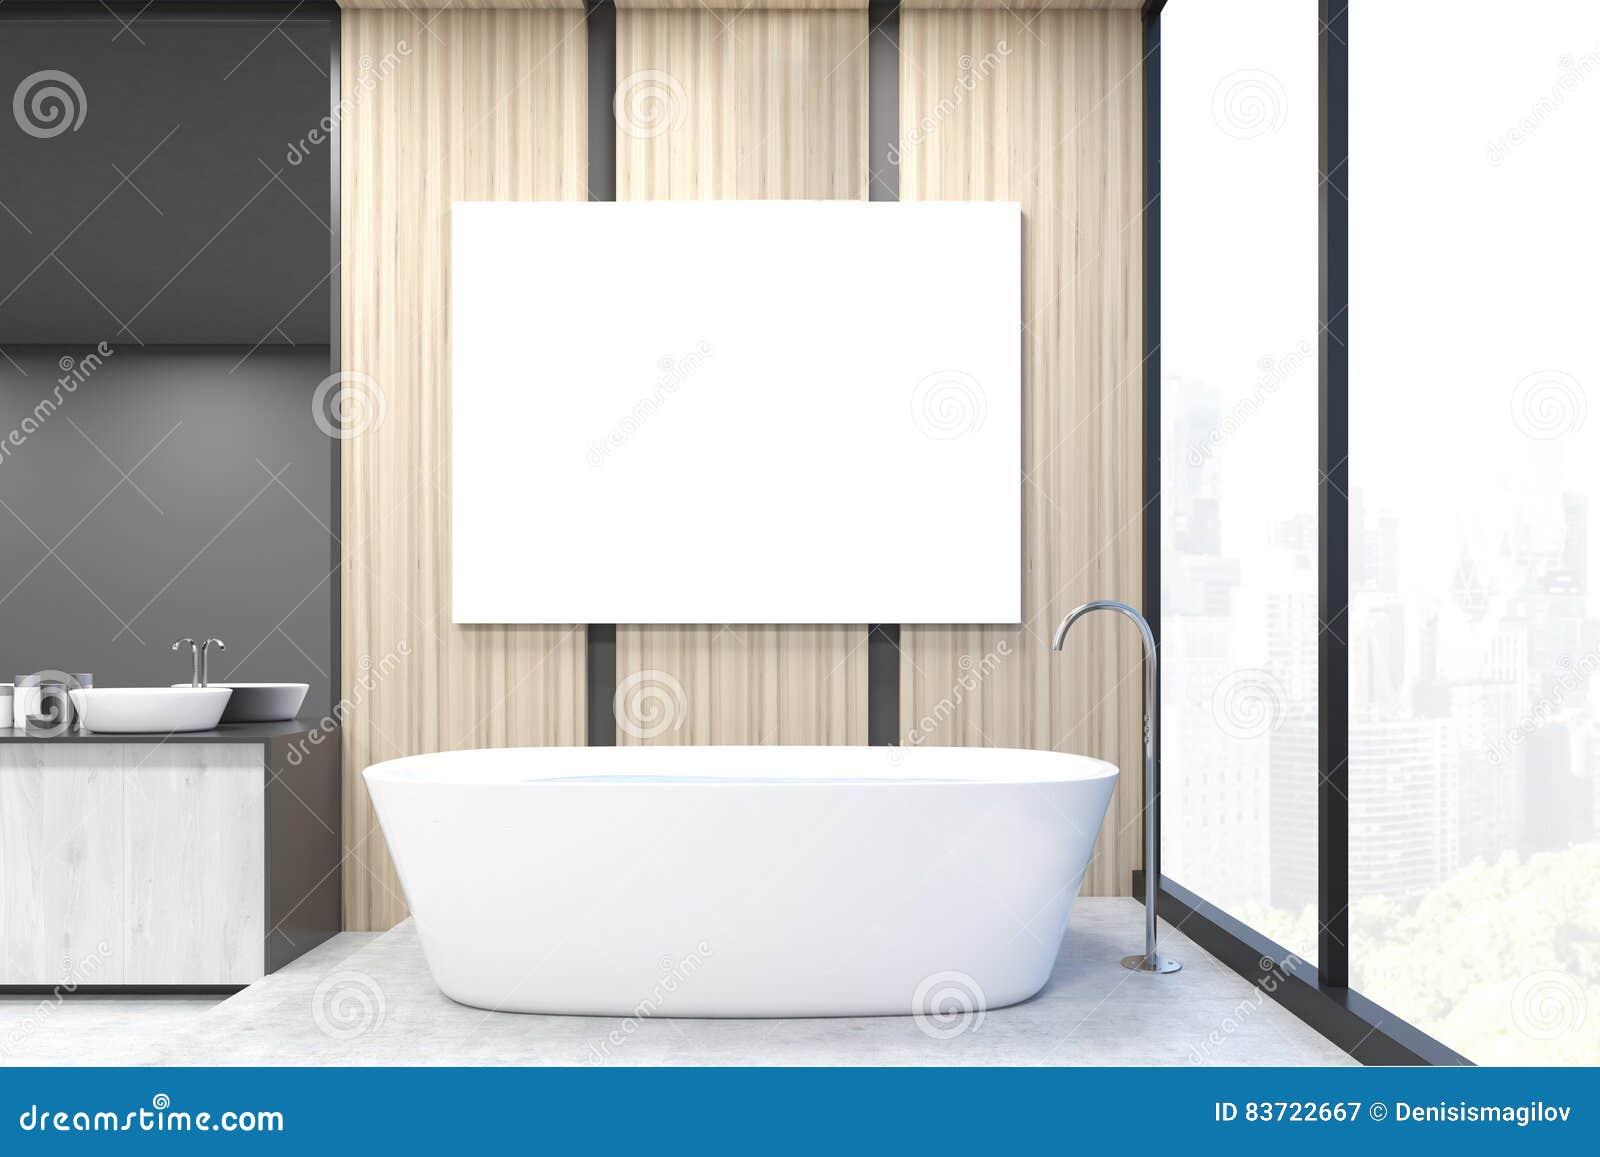 Affiche Salle De Bain ~ vue de face de coin de salle de bains affiche murs l gers